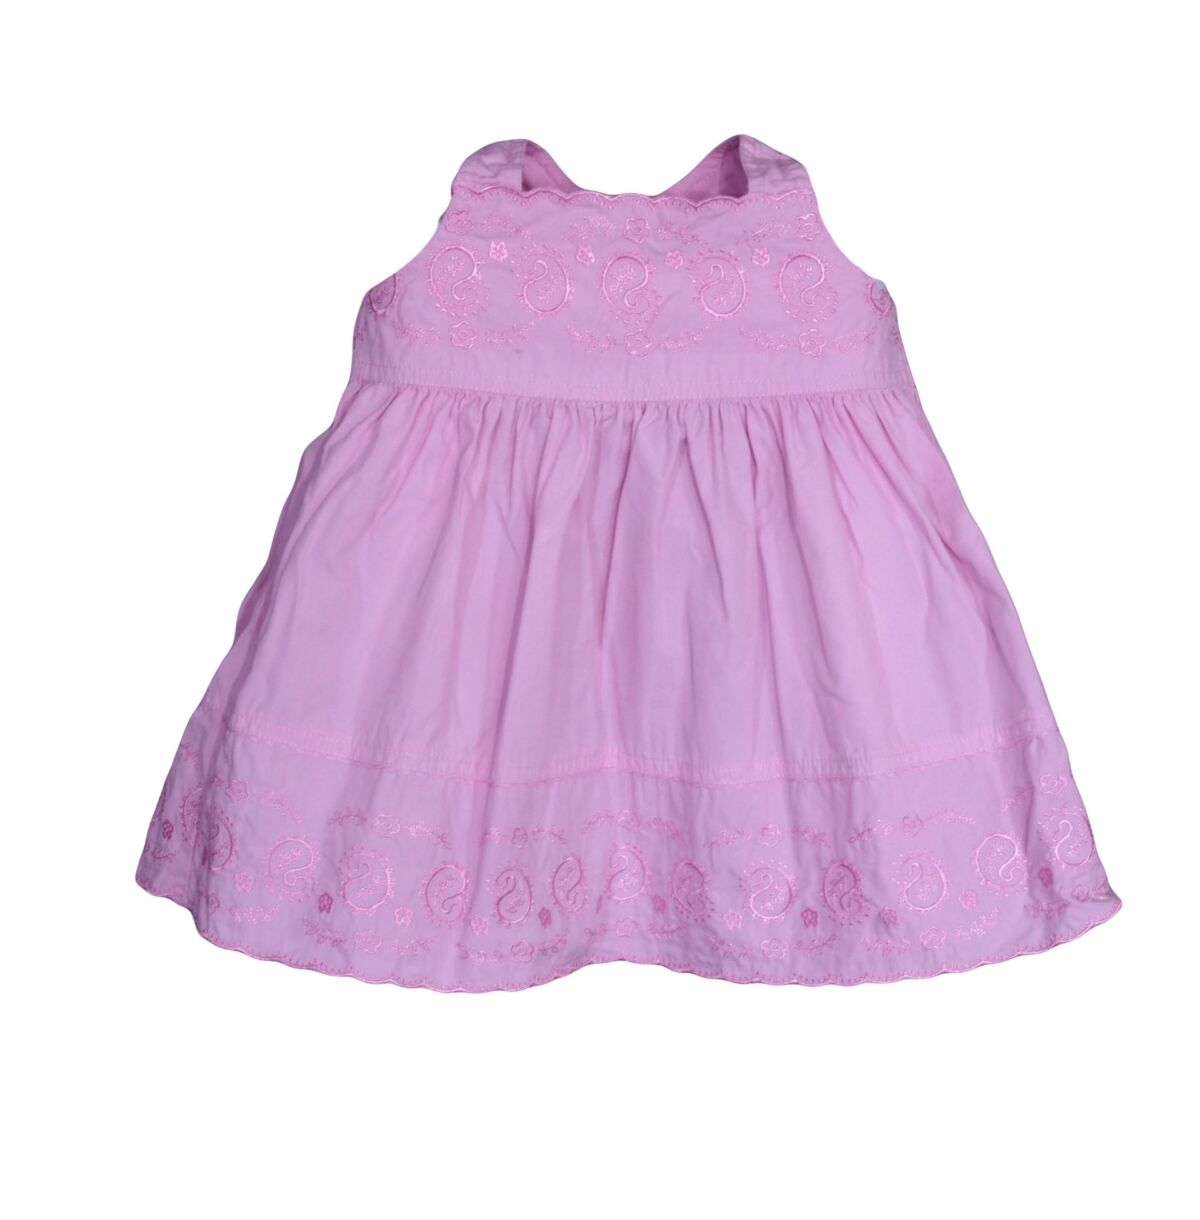 6ccd19a971 használt,angol,márkás,gyerekruha